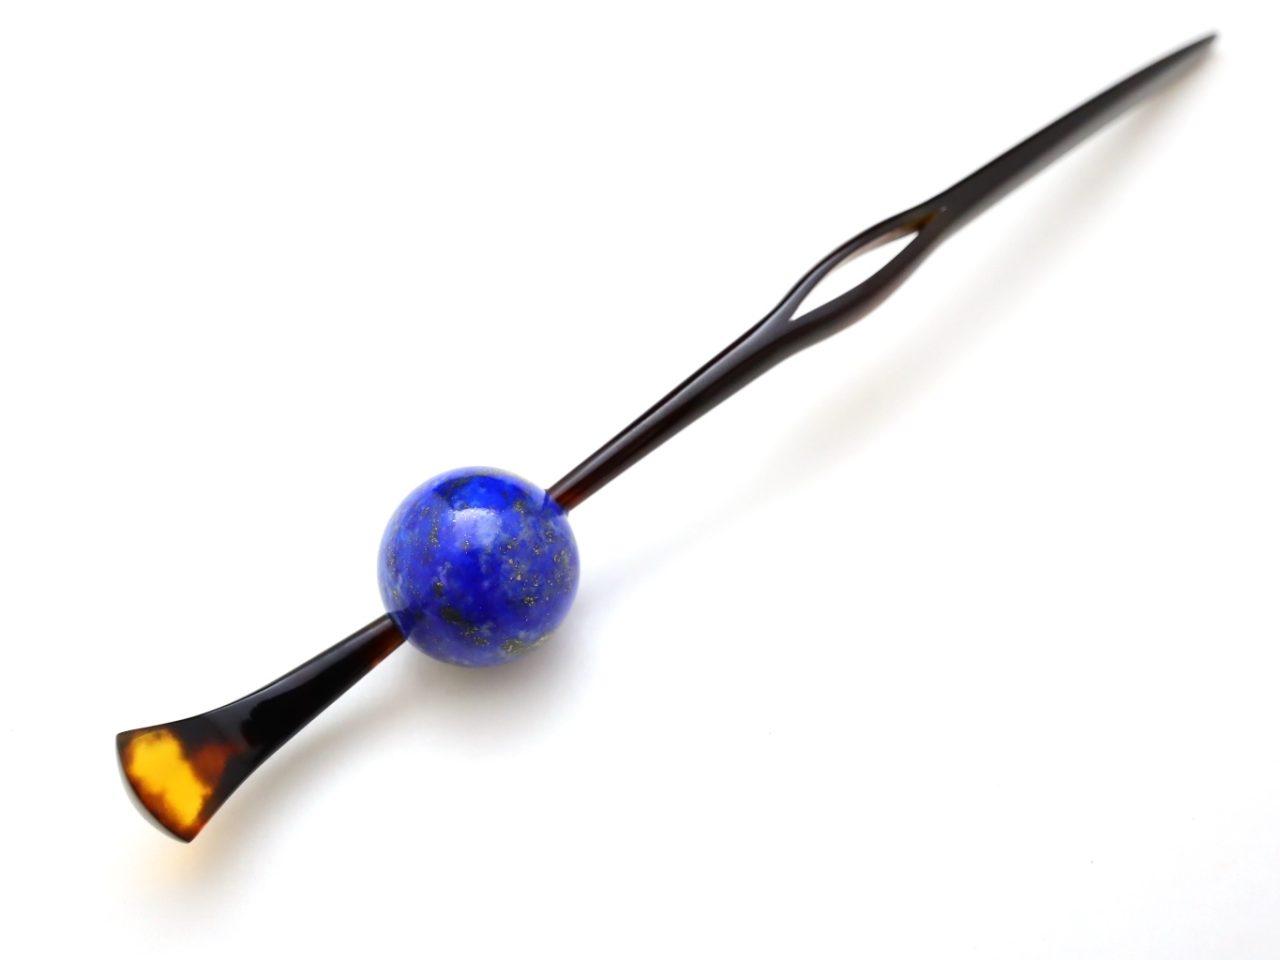 べっ甲カービング玉かんざし2021・2種|ラピスラズリ、邪気を払い、パワーとヒーリング力を高め、幸運を招く玉かんざし。